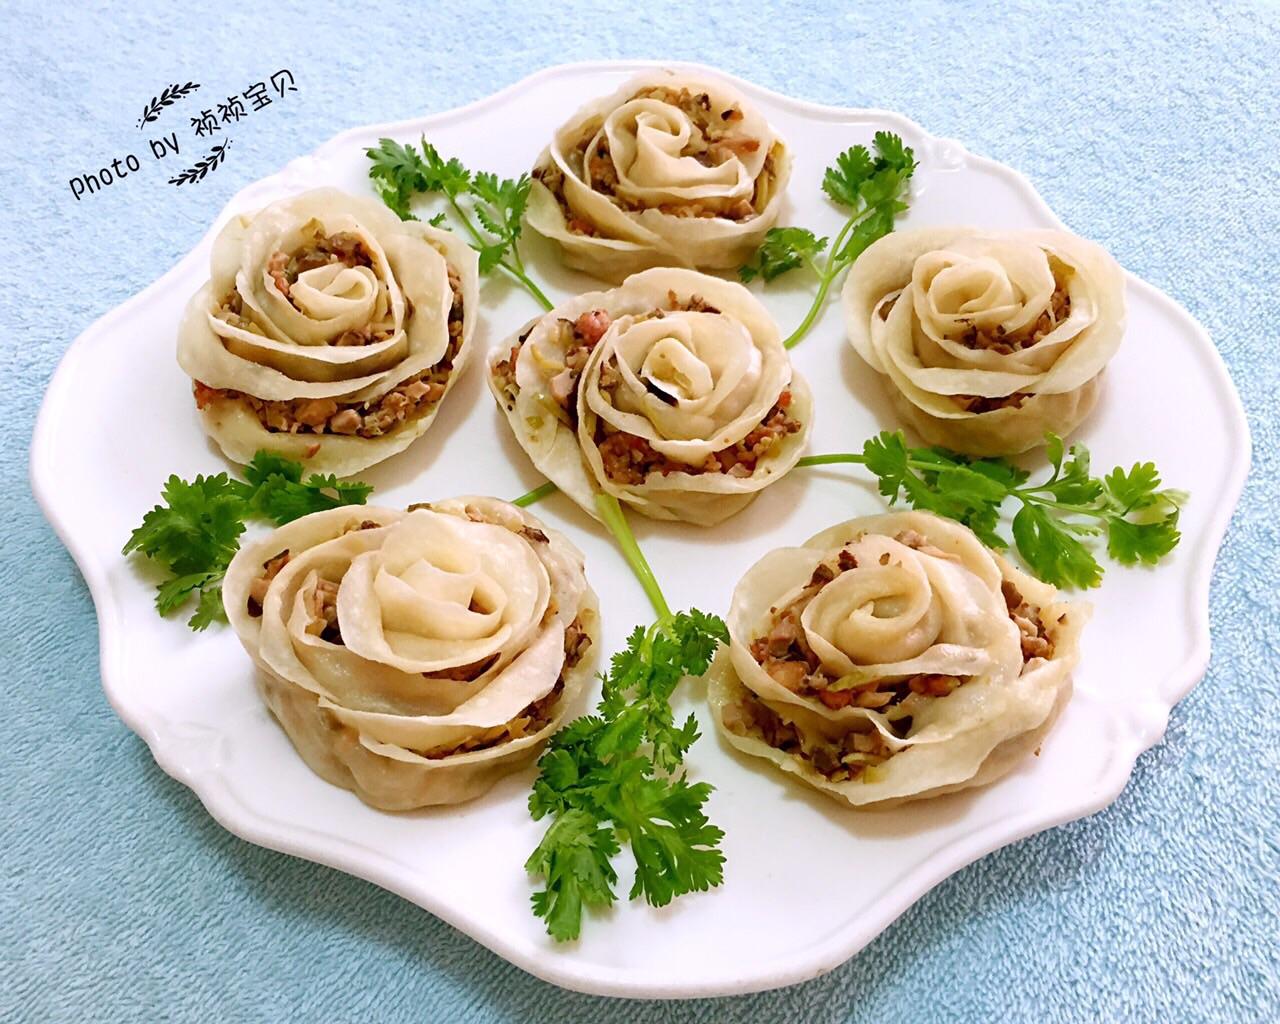 玫瑰蒸饺#我买新鲜味#的做法图解9